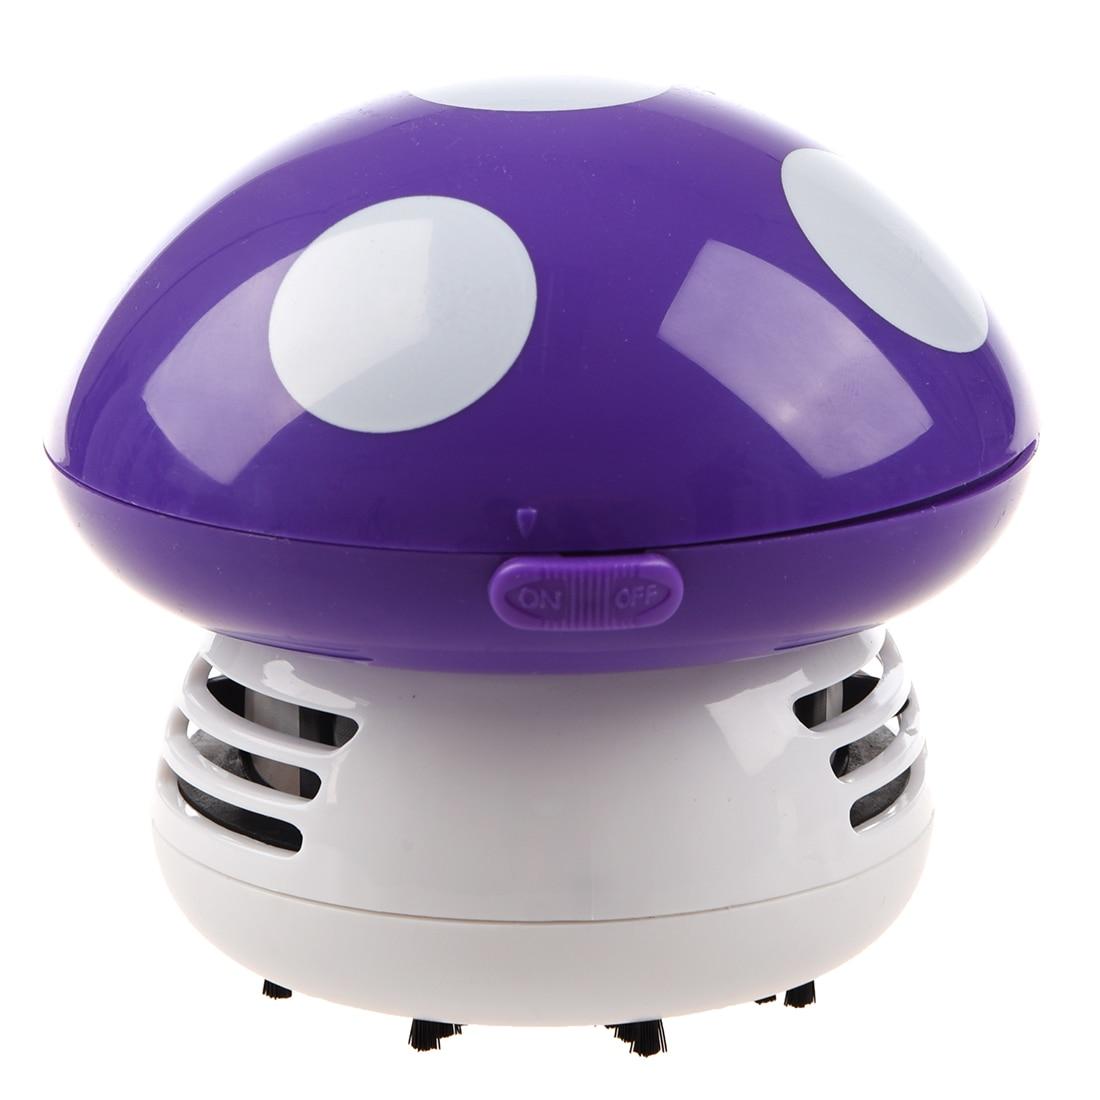 Nuevo Hogar Mano Hongo En Forma De Mini Aspiradora Portátil Coche Escritorio Polvo Limpiador-púrpura Ventas De Aseguramiento De La Calidad